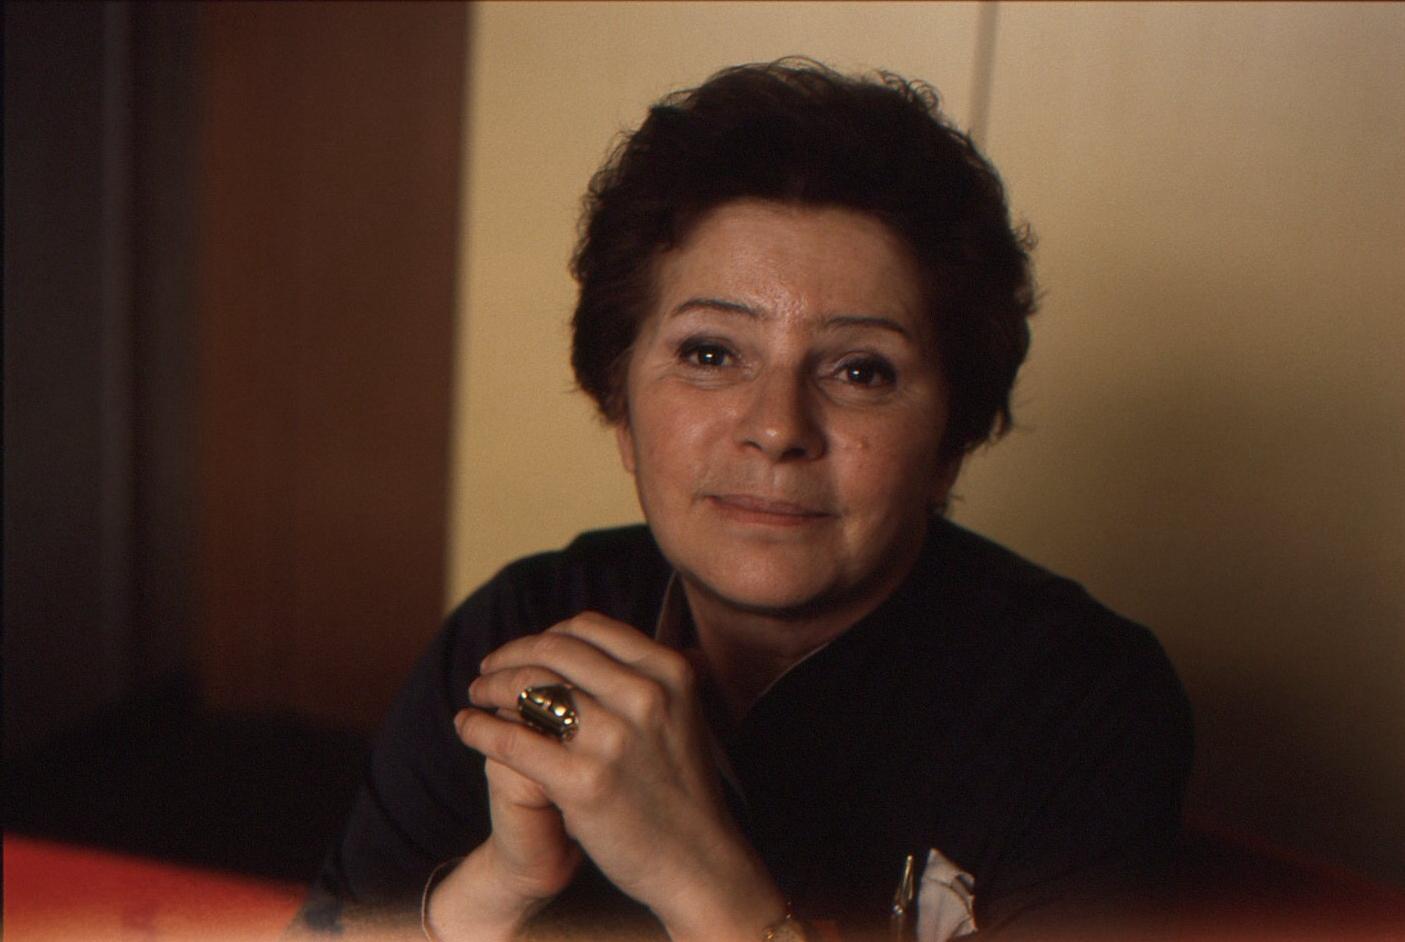 Marta Dusseldorp advise